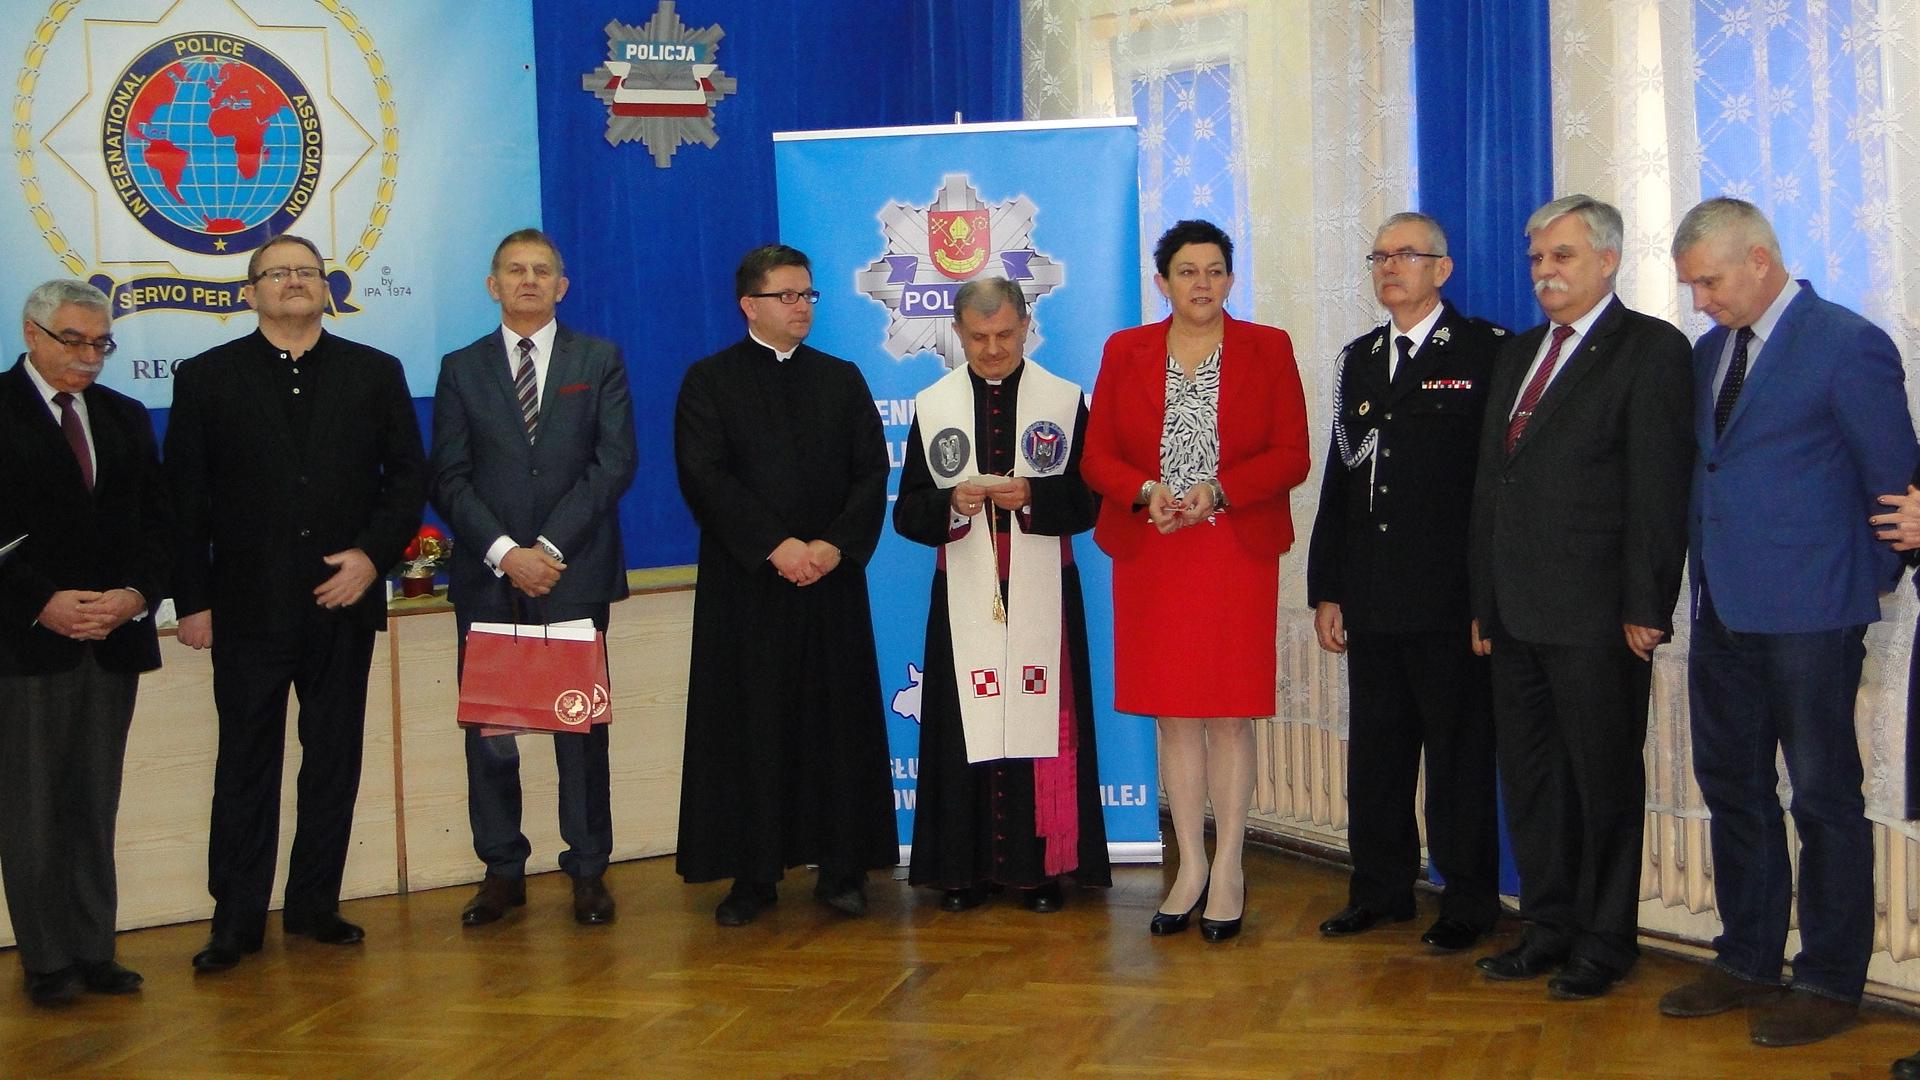 Spotkanie wigilijne w KP Policji w Łasku